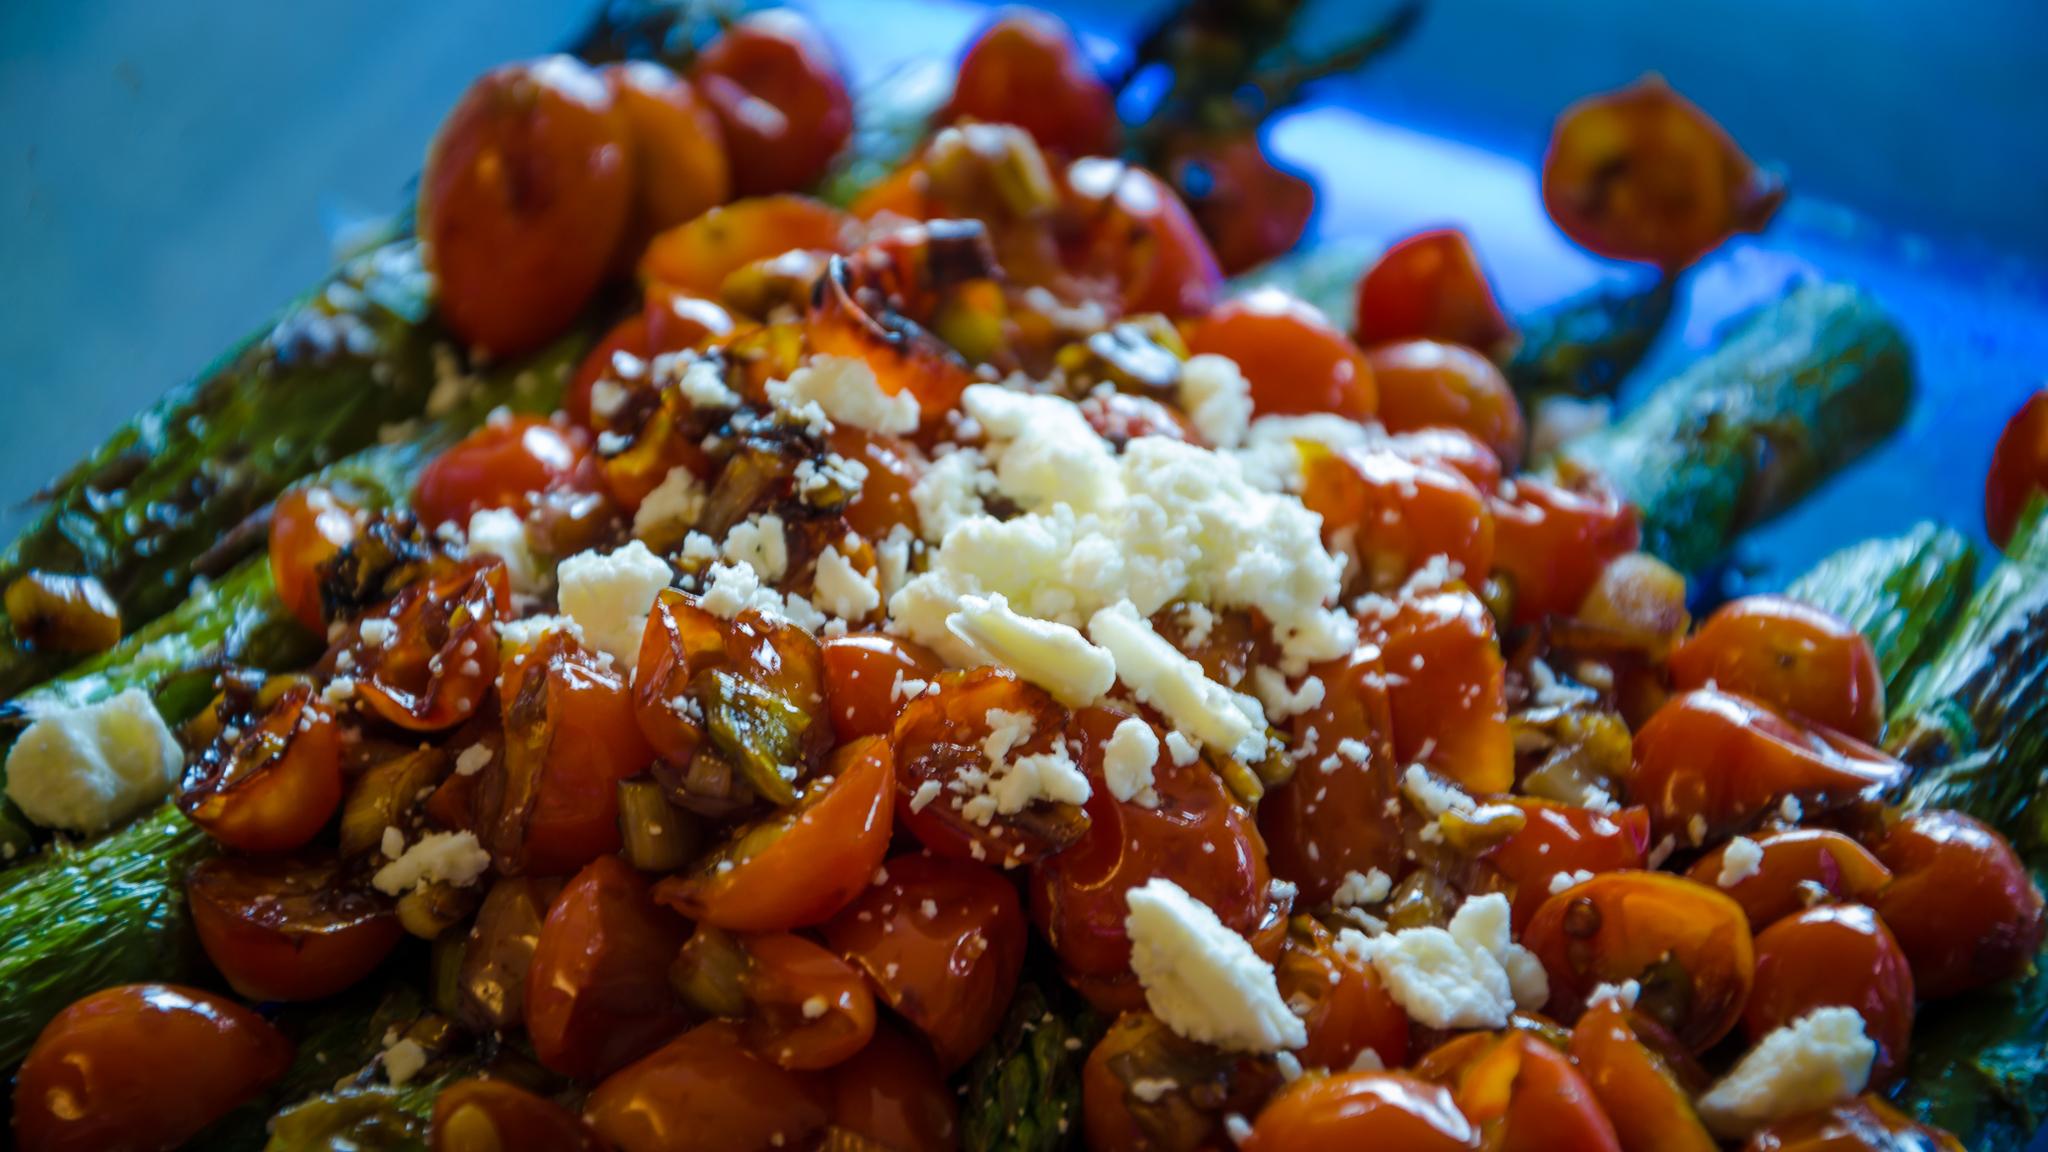 Pete Wright — Asparagus & Tomatos.jpg